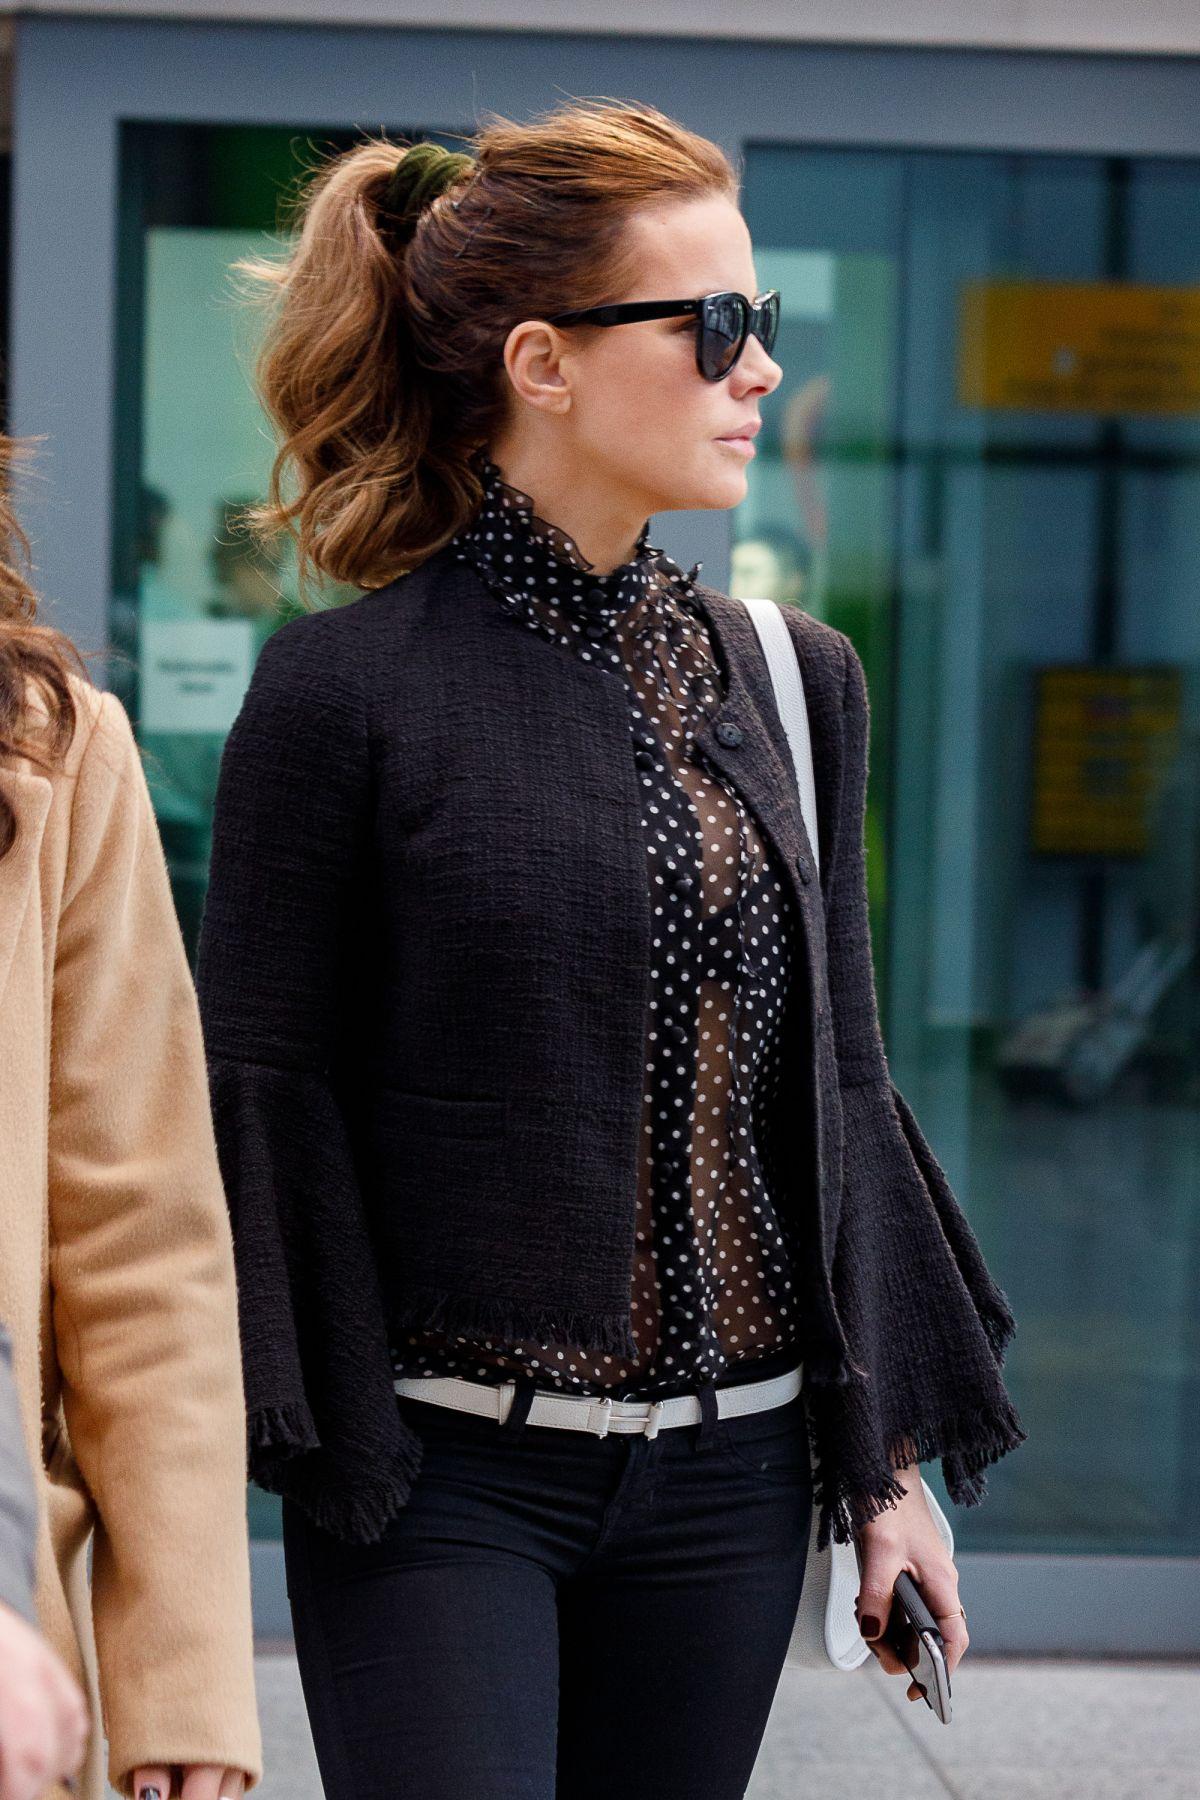 Kate Beckinsale - HawtCelebs Kate Beckinsale